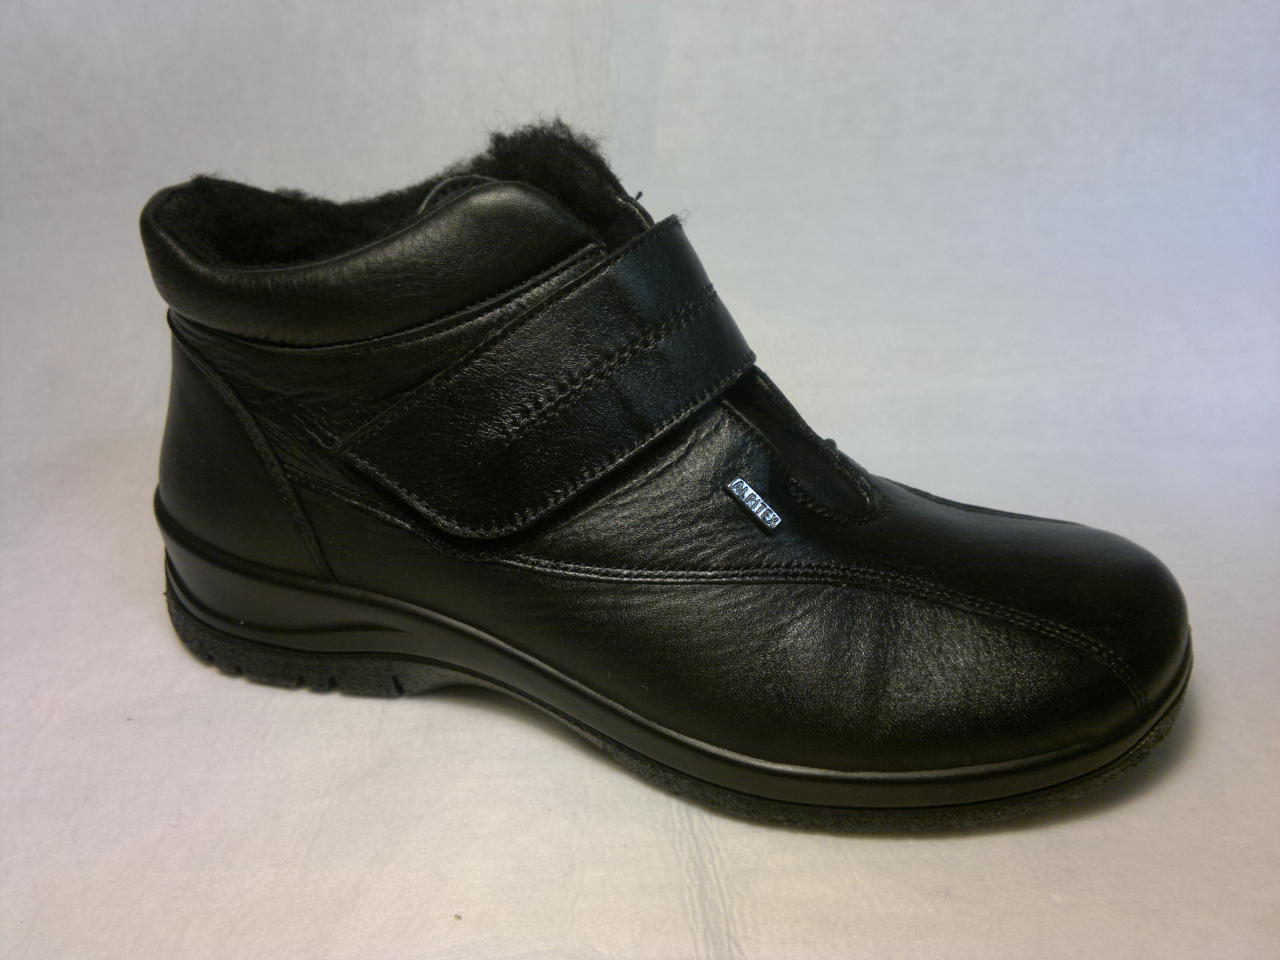 Agb - zateplená široká kotníčková botka, se zapínáním na suchý zip